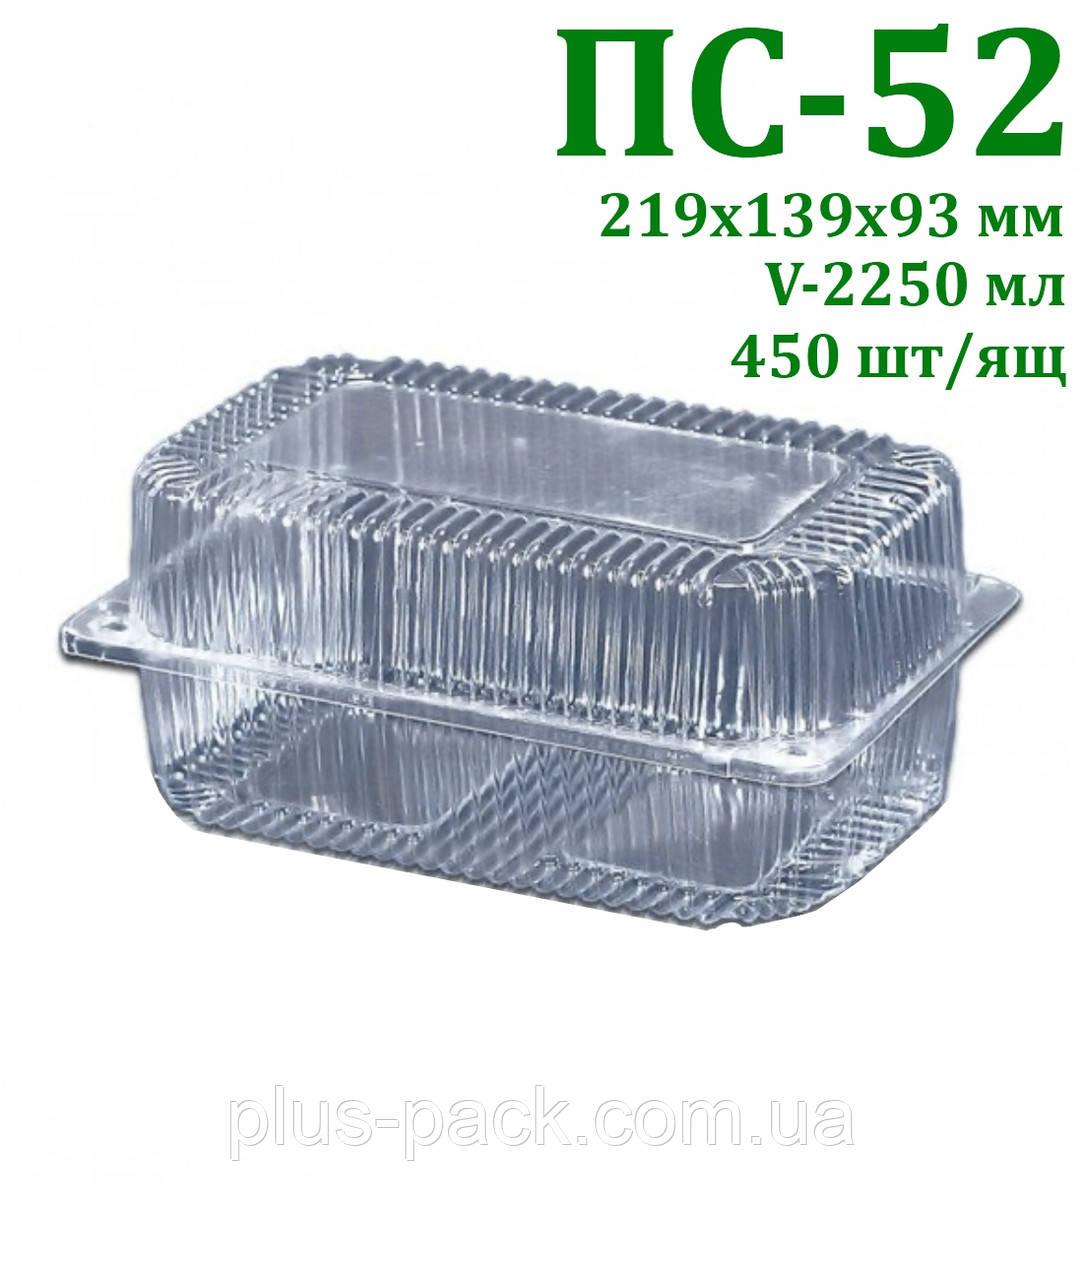 Одноразовий контейнер для харчових продуктів 219х139х93мм, 2250 мл